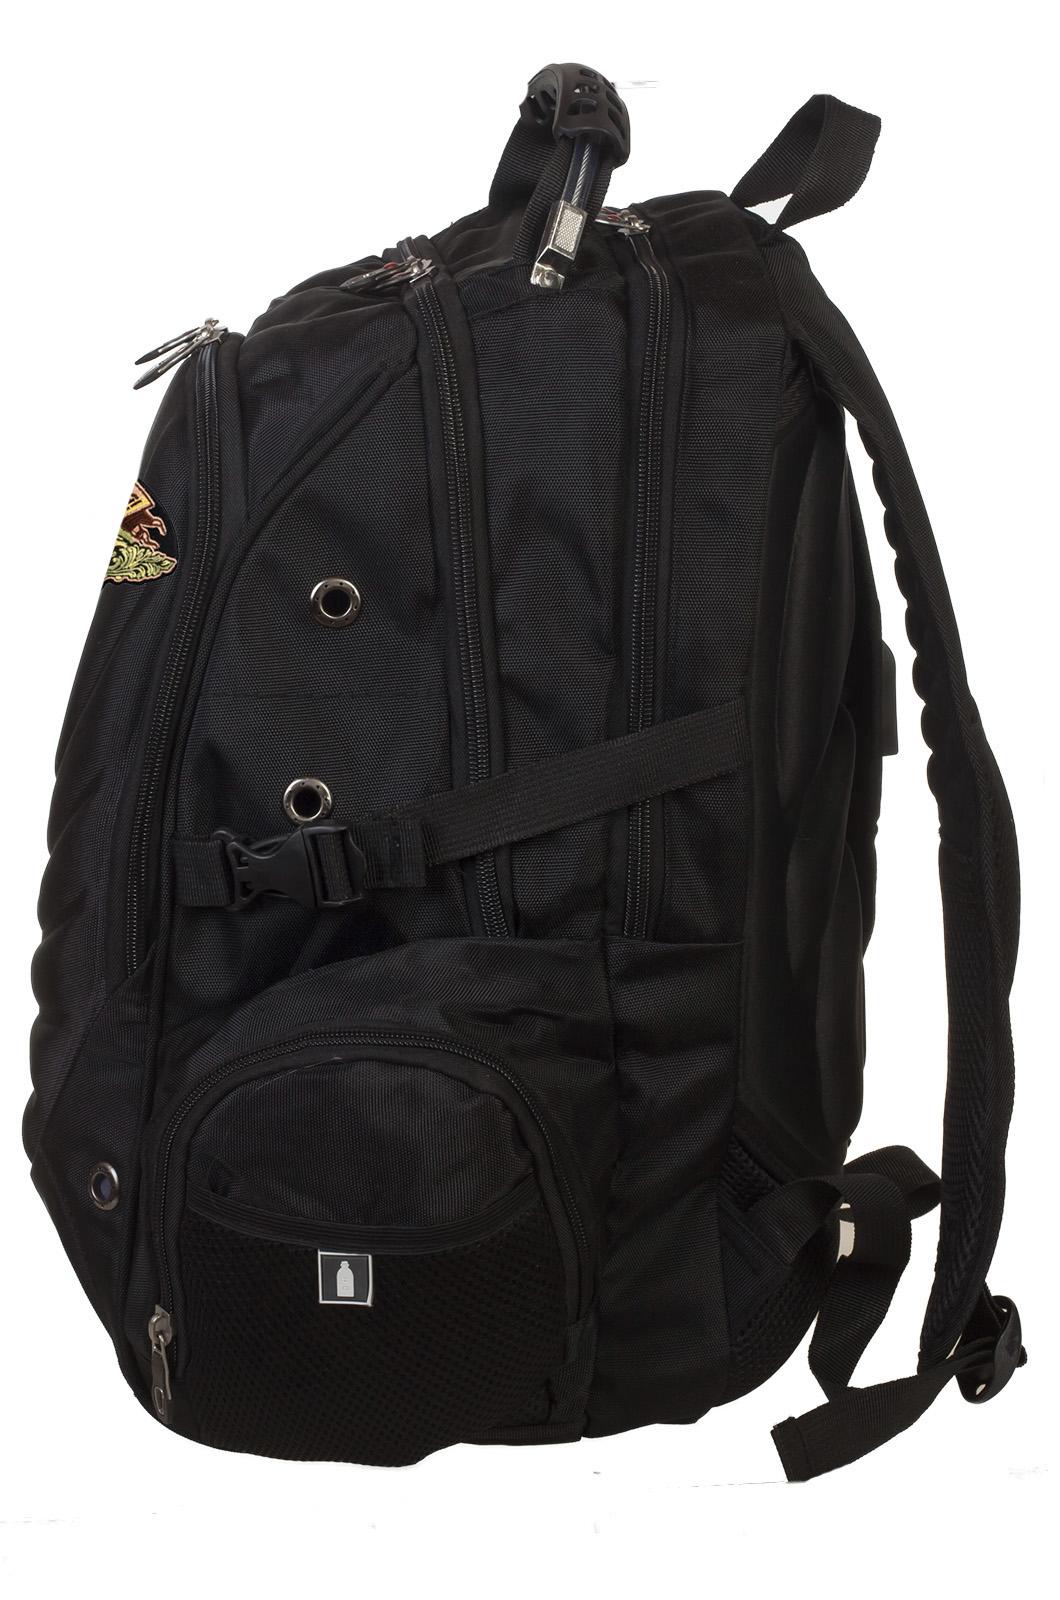 Топовый городской рюкзак с охотничьей нашивкой Ни пуха, ни пера! купить оптом